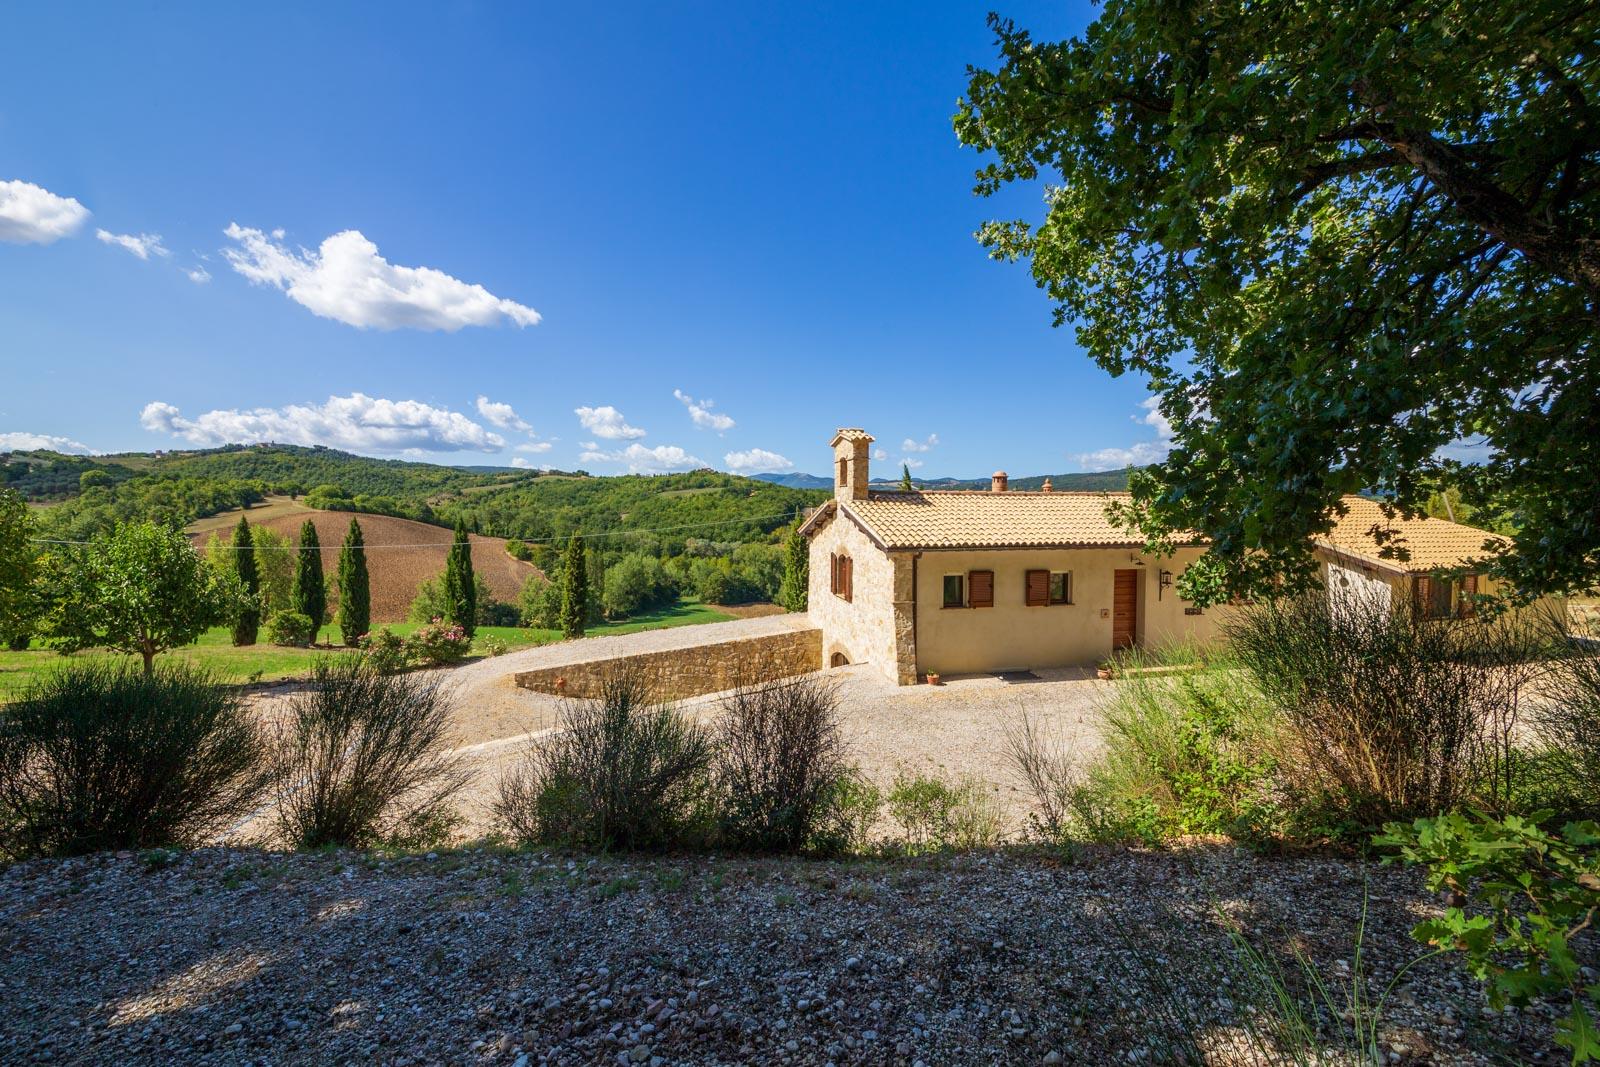 Proprietà unica situata sulle colline intorno a Todi con splendida vista panoramica sulla campagna